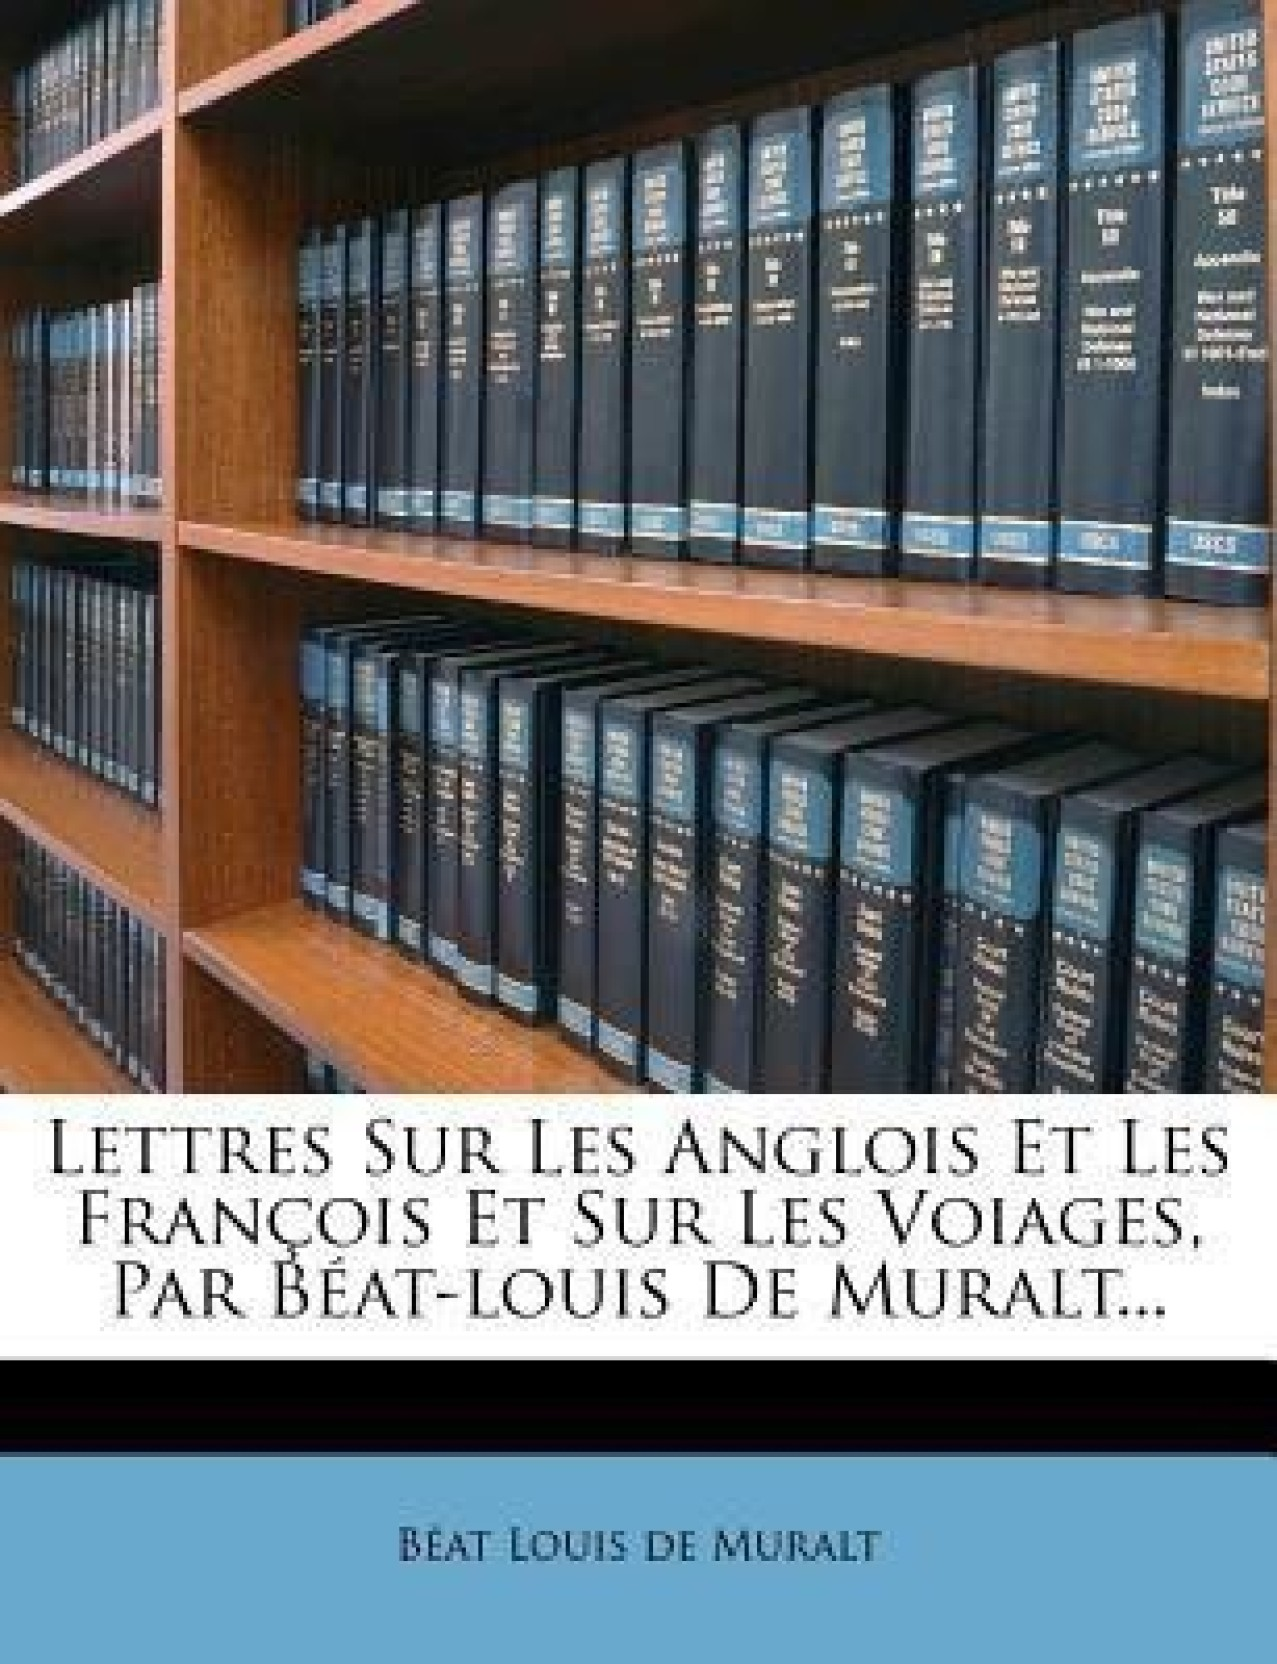 Anglois lettres sur les anglois et les francois et sur les voiages